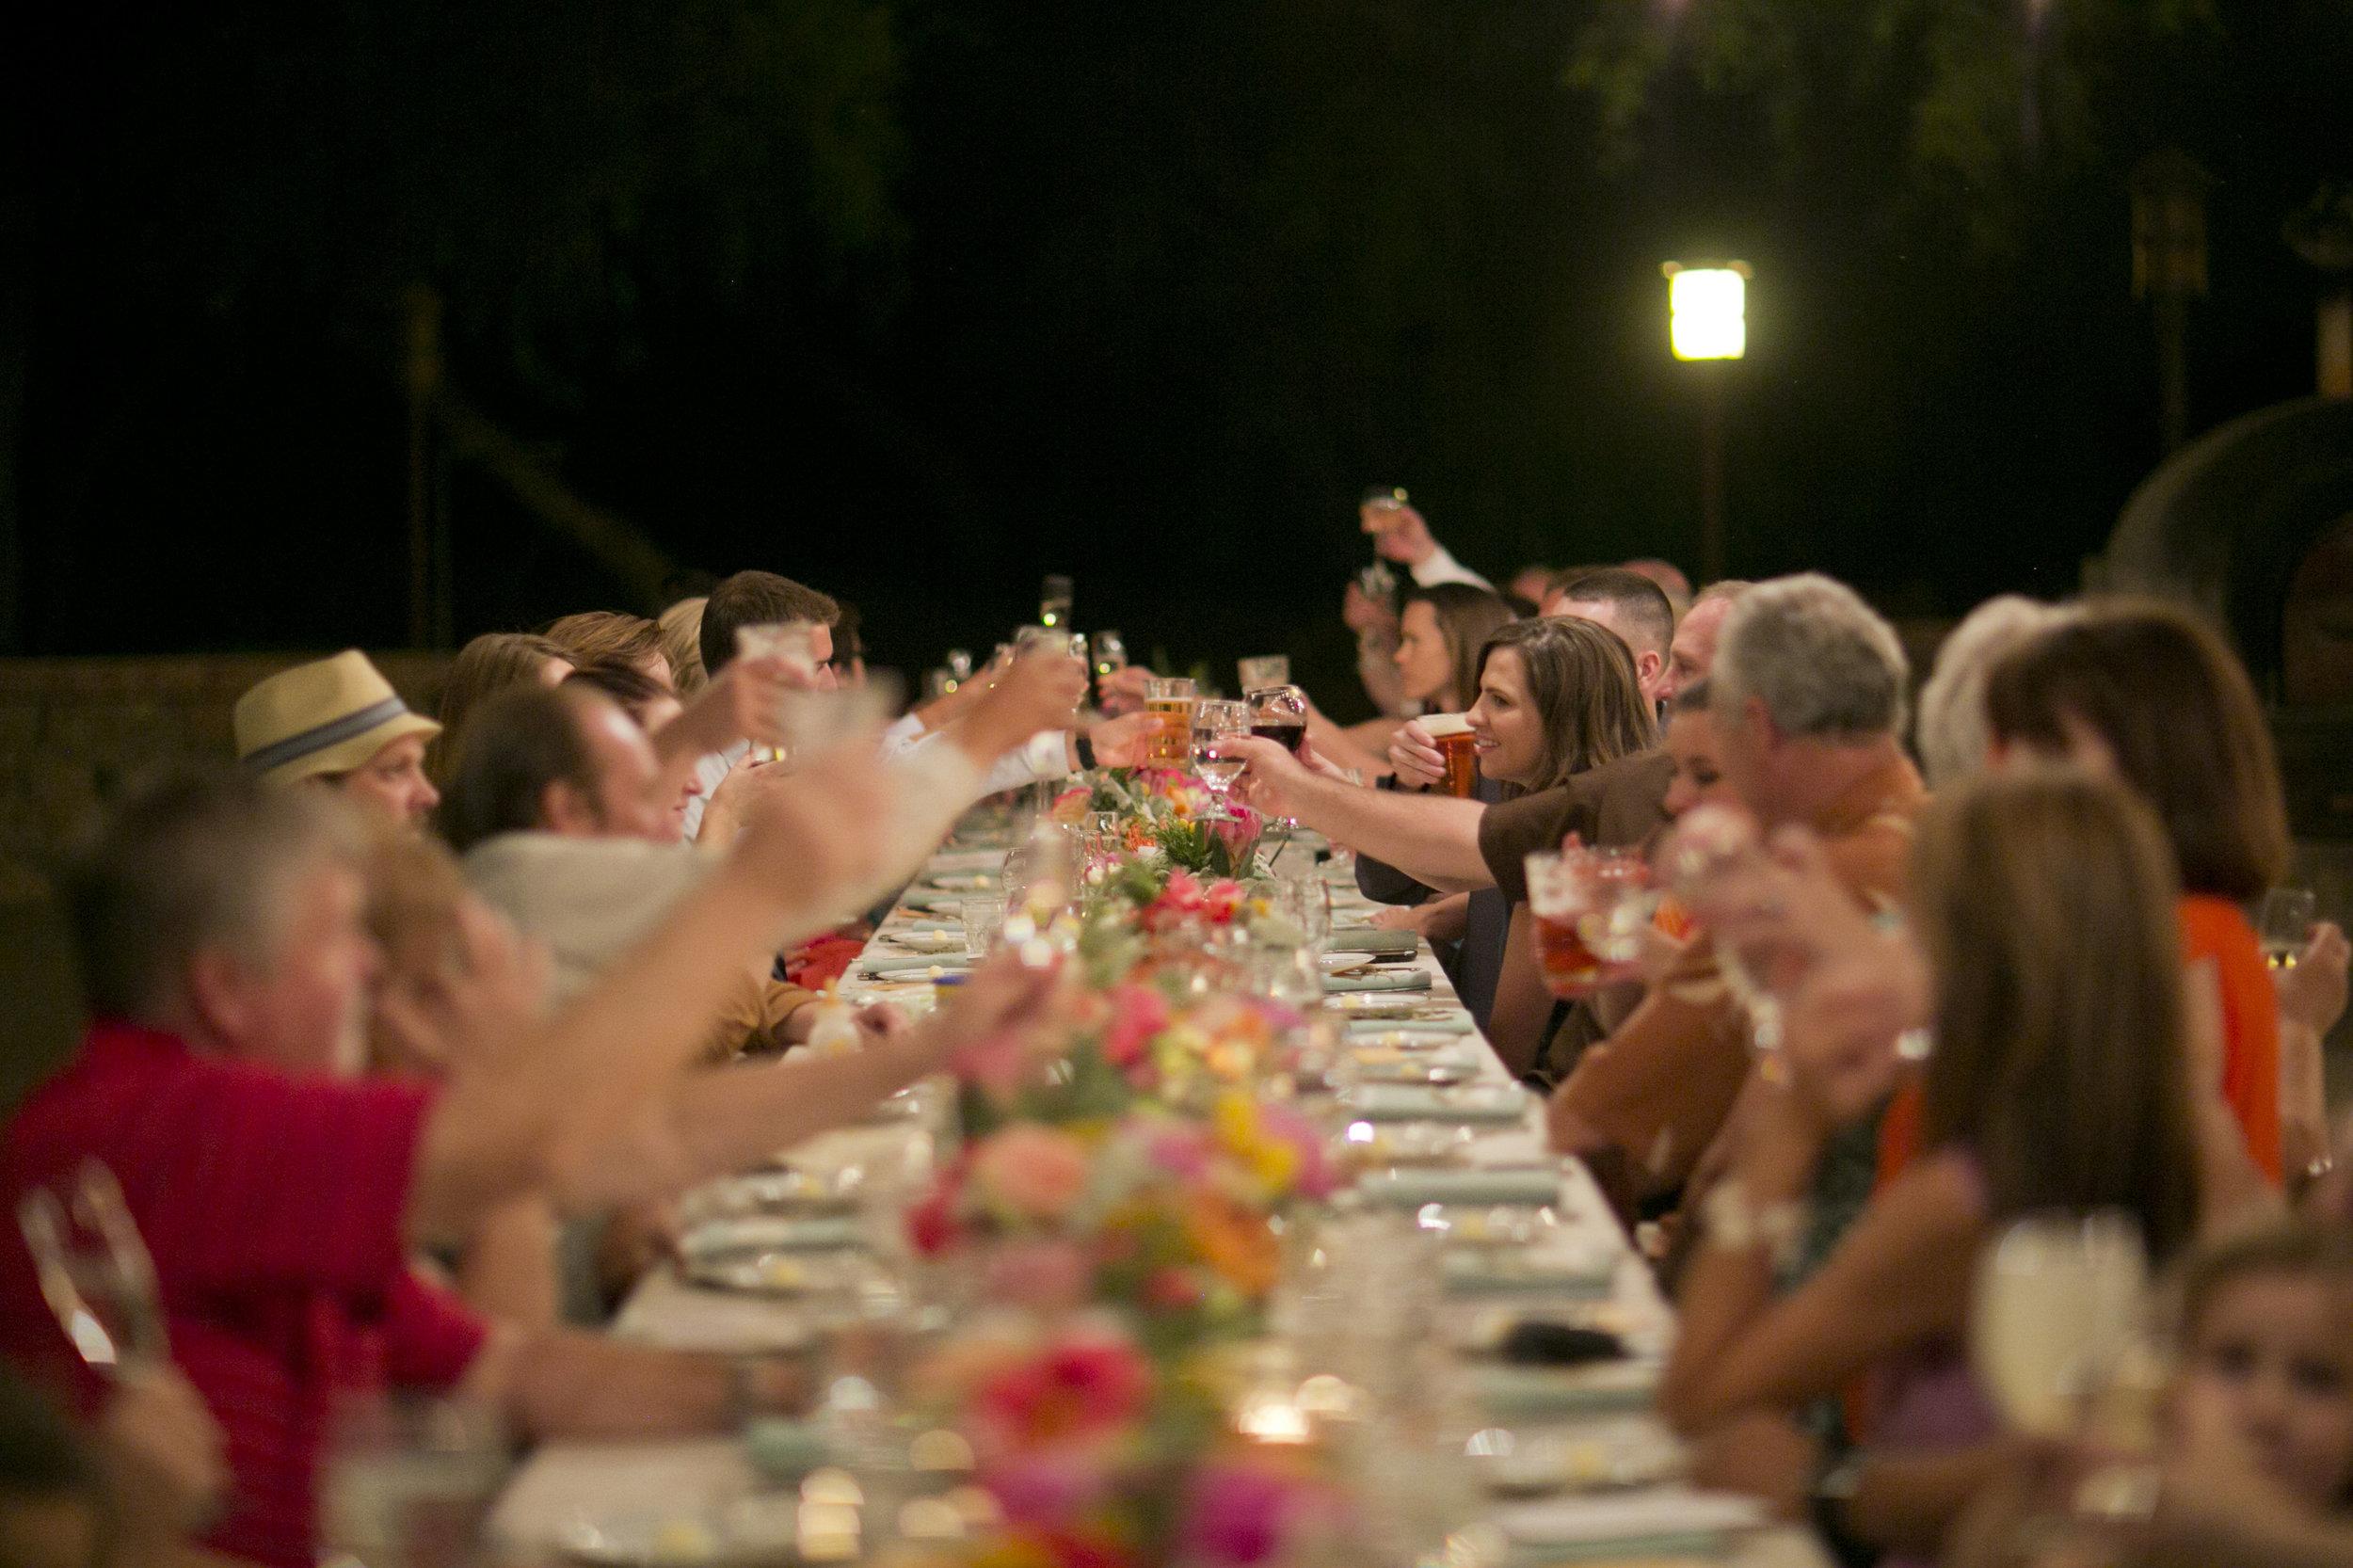 Ceci_New_York_Ceci_Style_Ceci_Johnson_Luxury_Lifestyle_Arizona_Wedding_Watercolor_Inspiration_Design_Custom_Couture_Personalized_Invitations_189.jpg